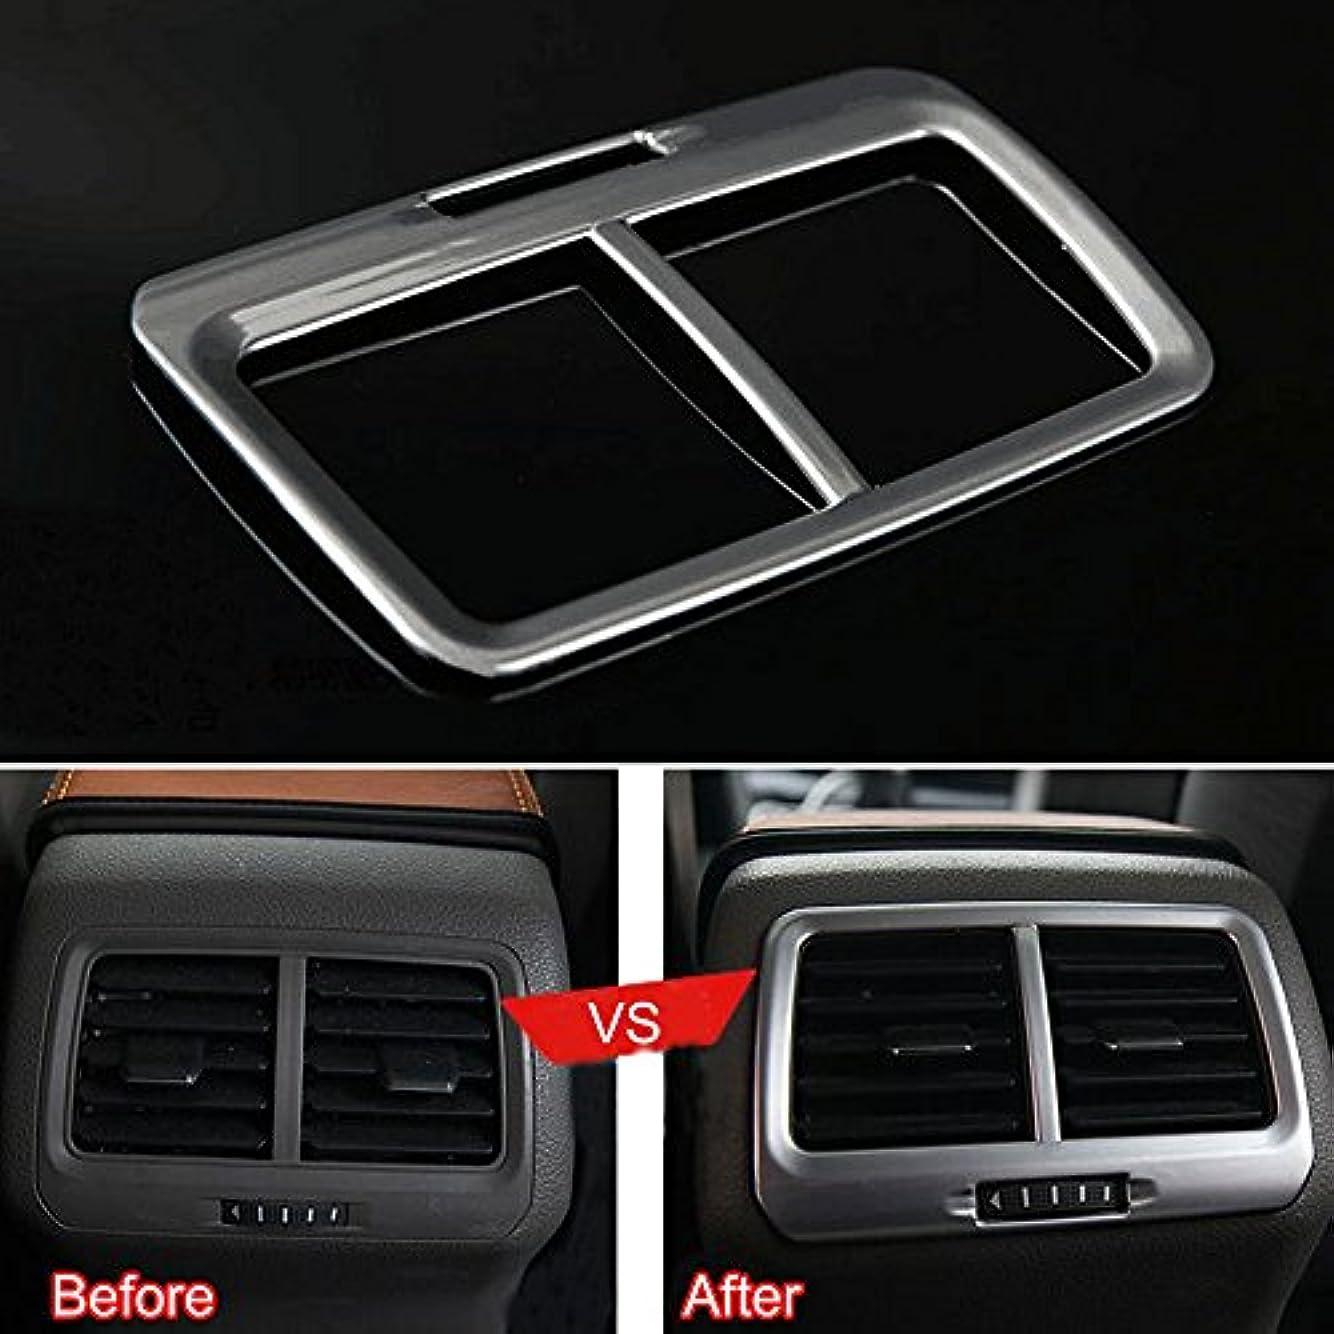 ソファー電圧有限Jicorzo - Silver A/C Outlet Vent Frame Cover Trim ABS Interior Car Styling Fit for VW Golf 7 MK7 2014 2015